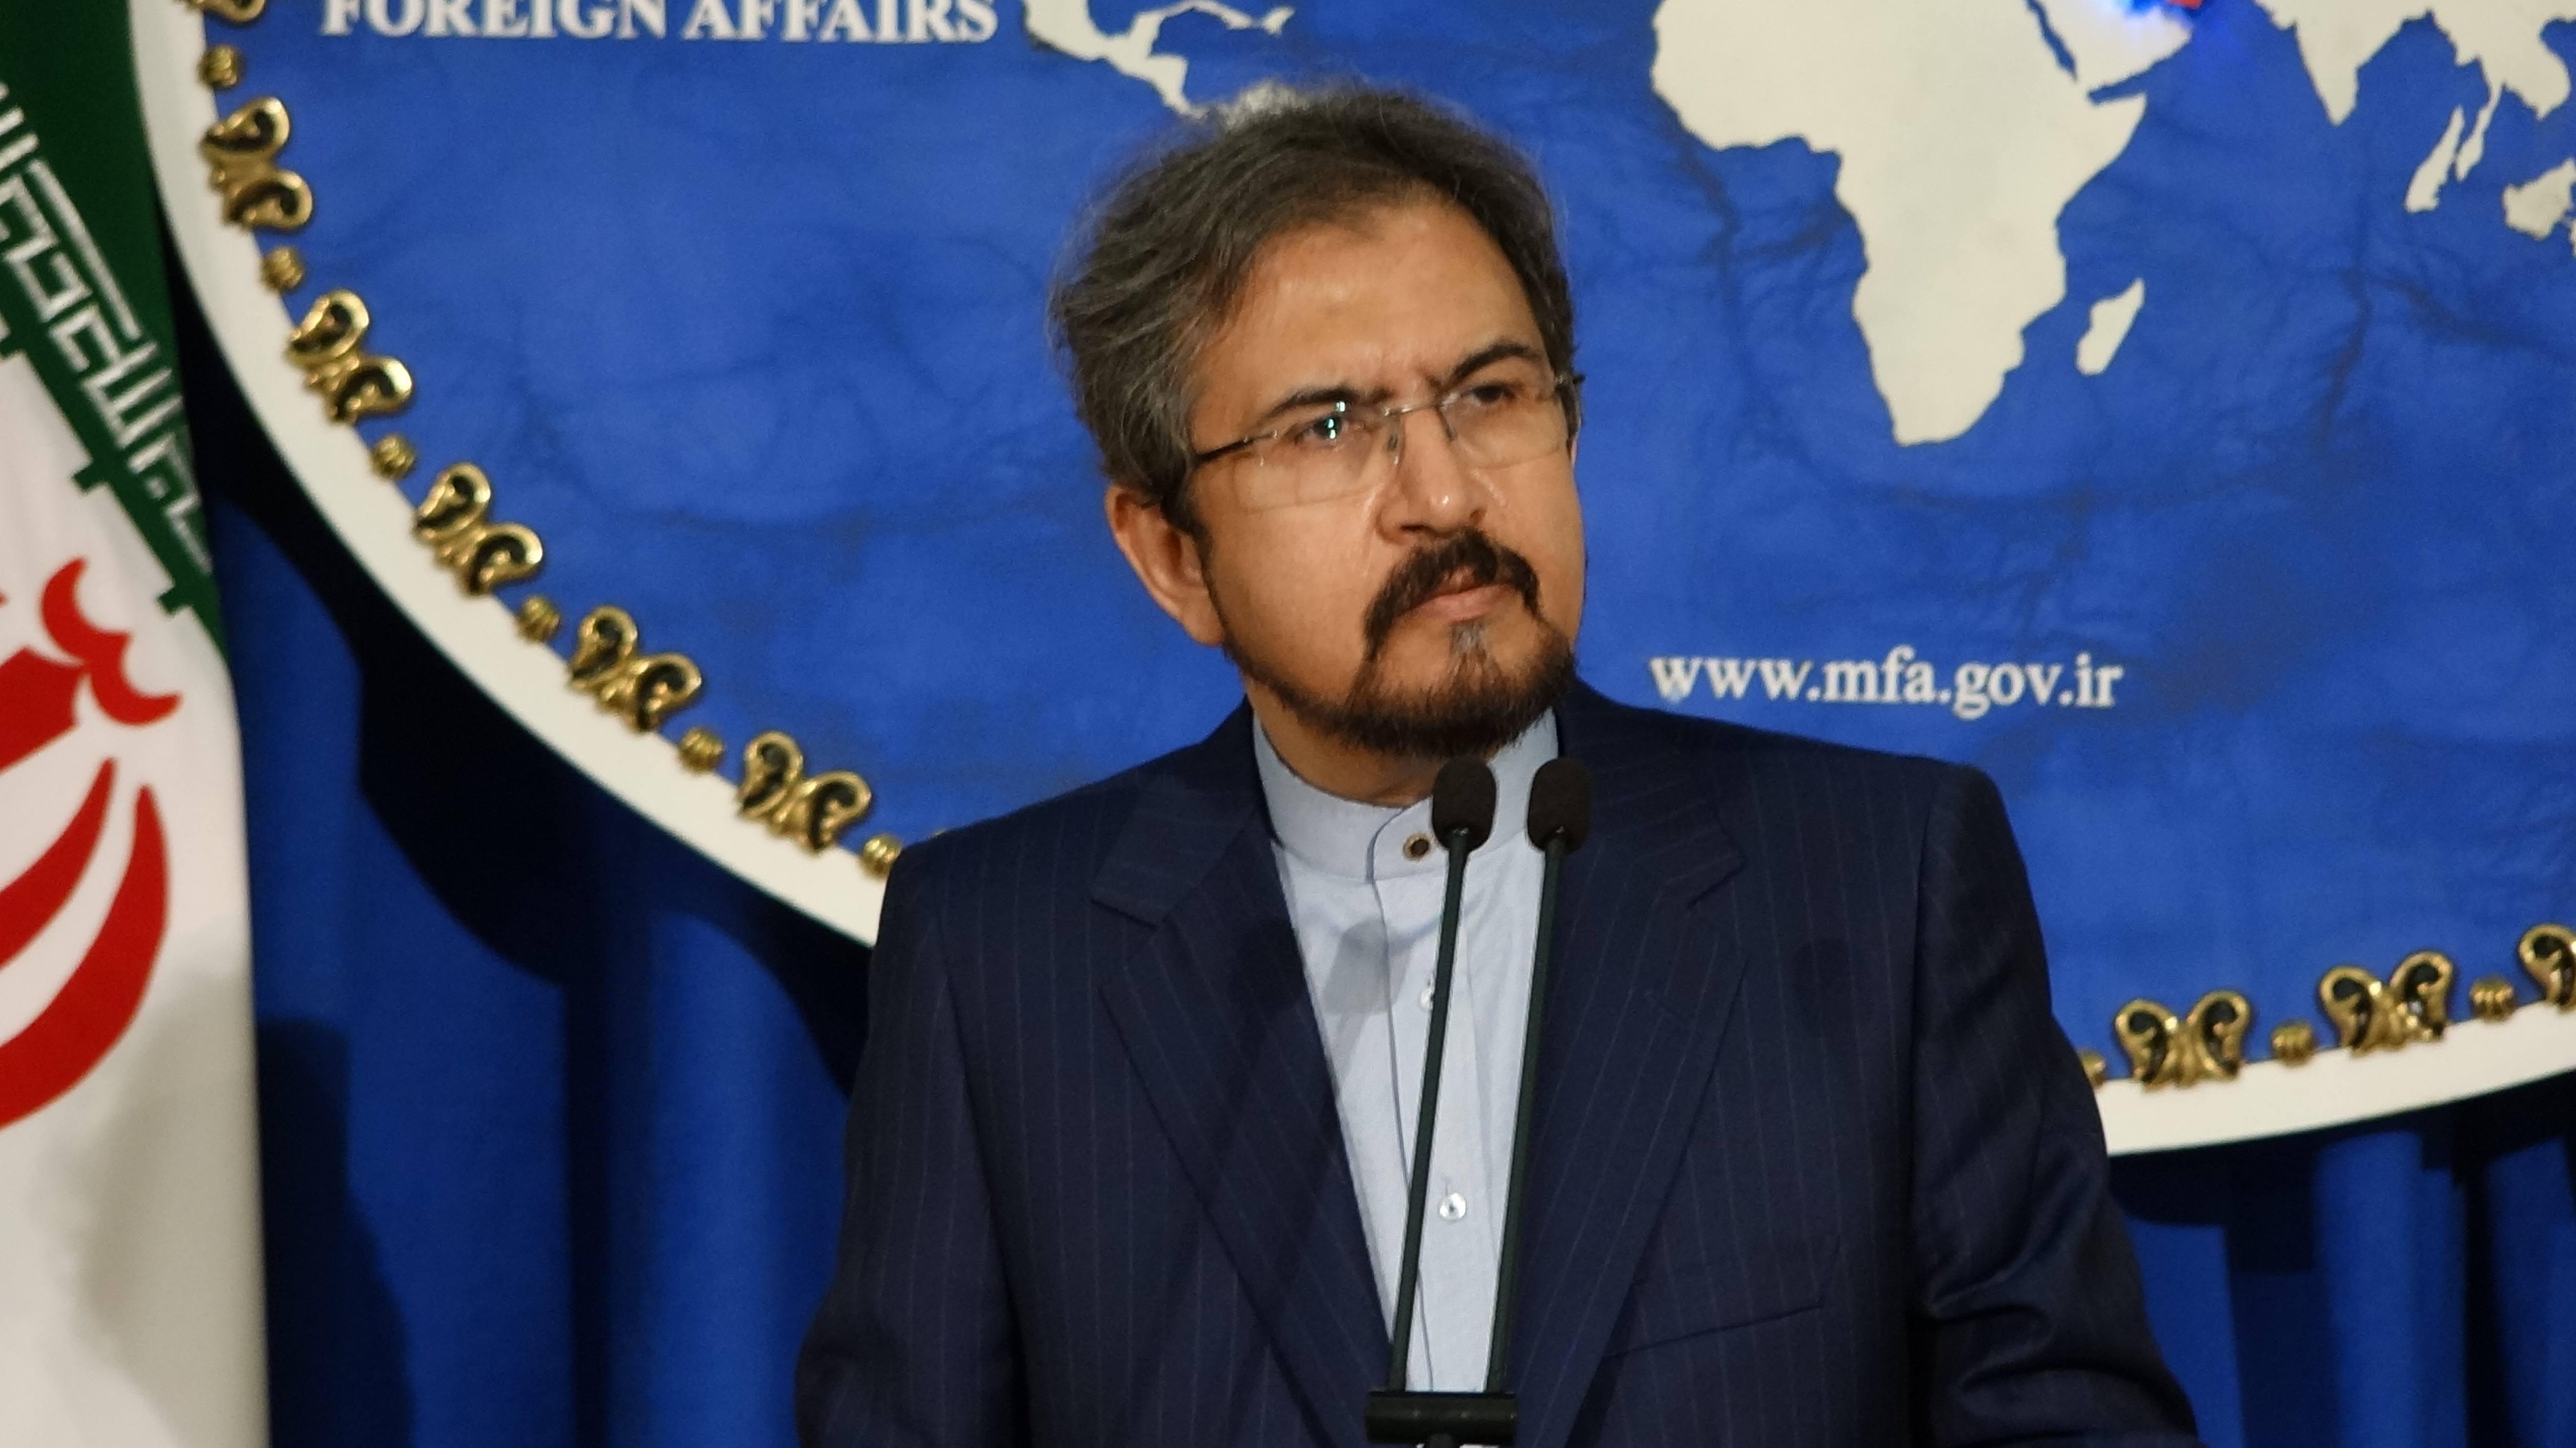 İran: Sınırdaki güvenlik ve istikrarı arttıracak her türlü eylemi olumlu karşılarız